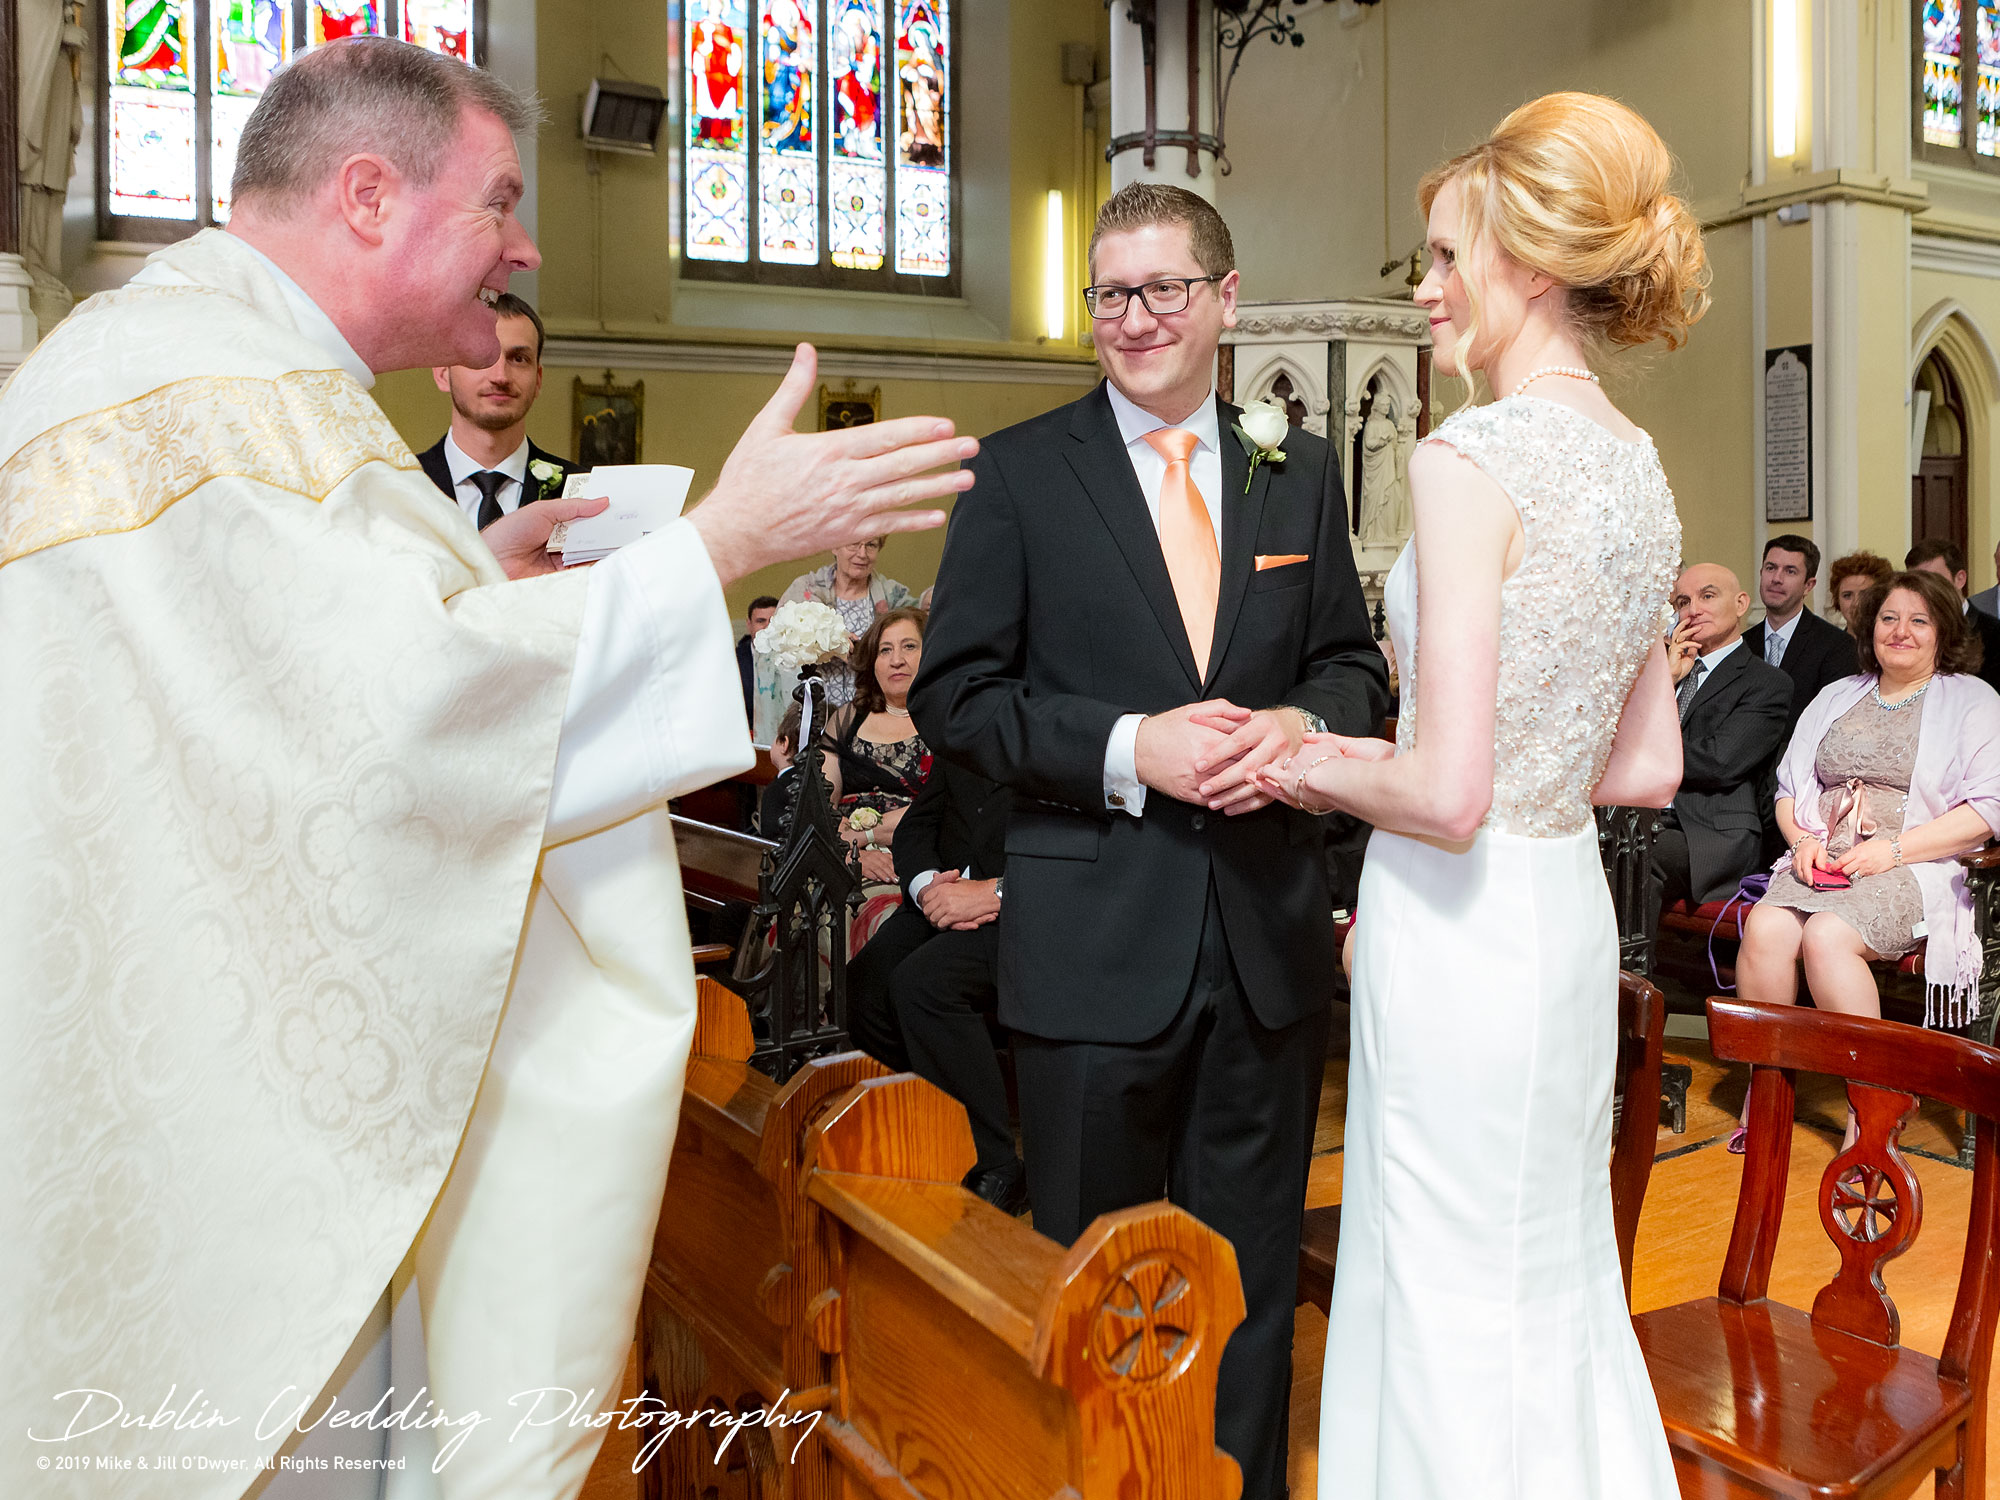 wedding-photographers-dublin-luttrellstown-castle-2016-12.jpg